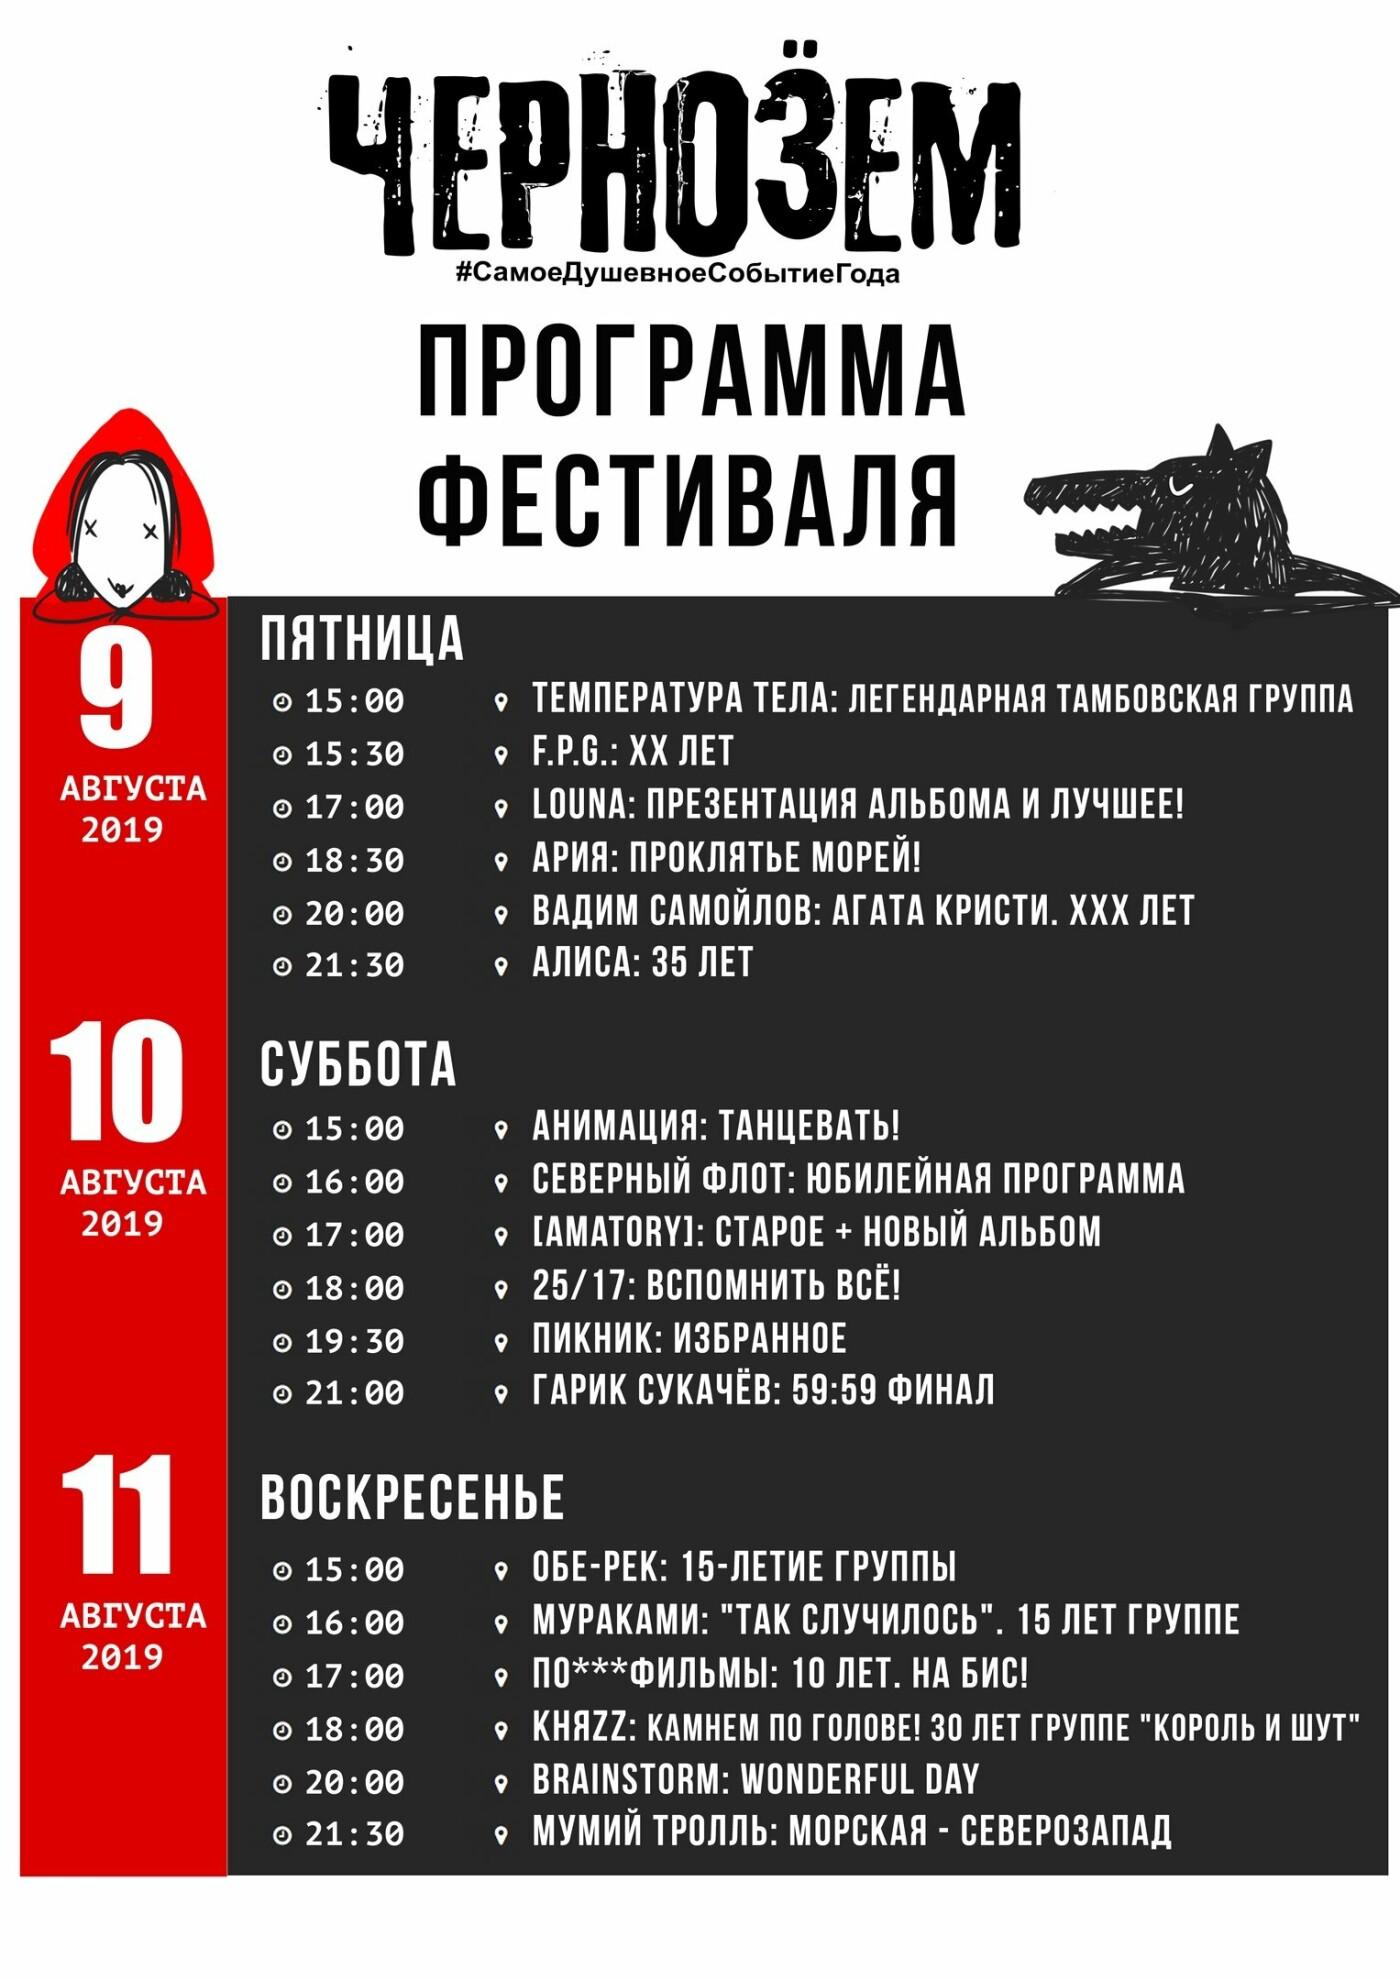 Организаторы «Чернозёма-2019» объявили программу фестиваля, фото-1